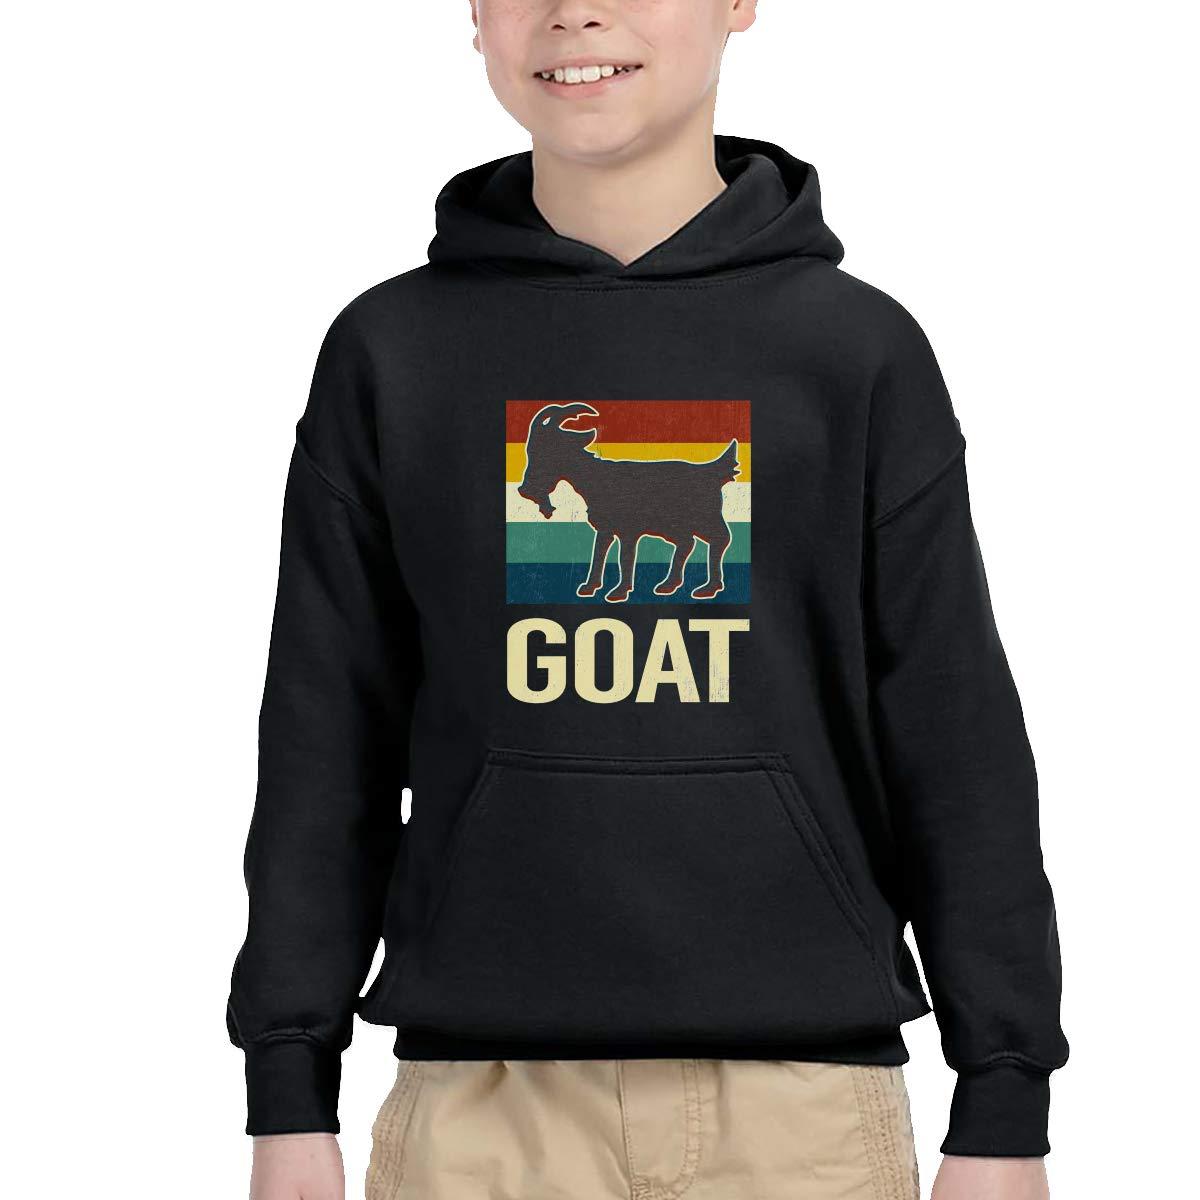 Sakanpo Vintage Goat Pullover Hoodie Sweatshirt Teens Hooded for Boys Girls